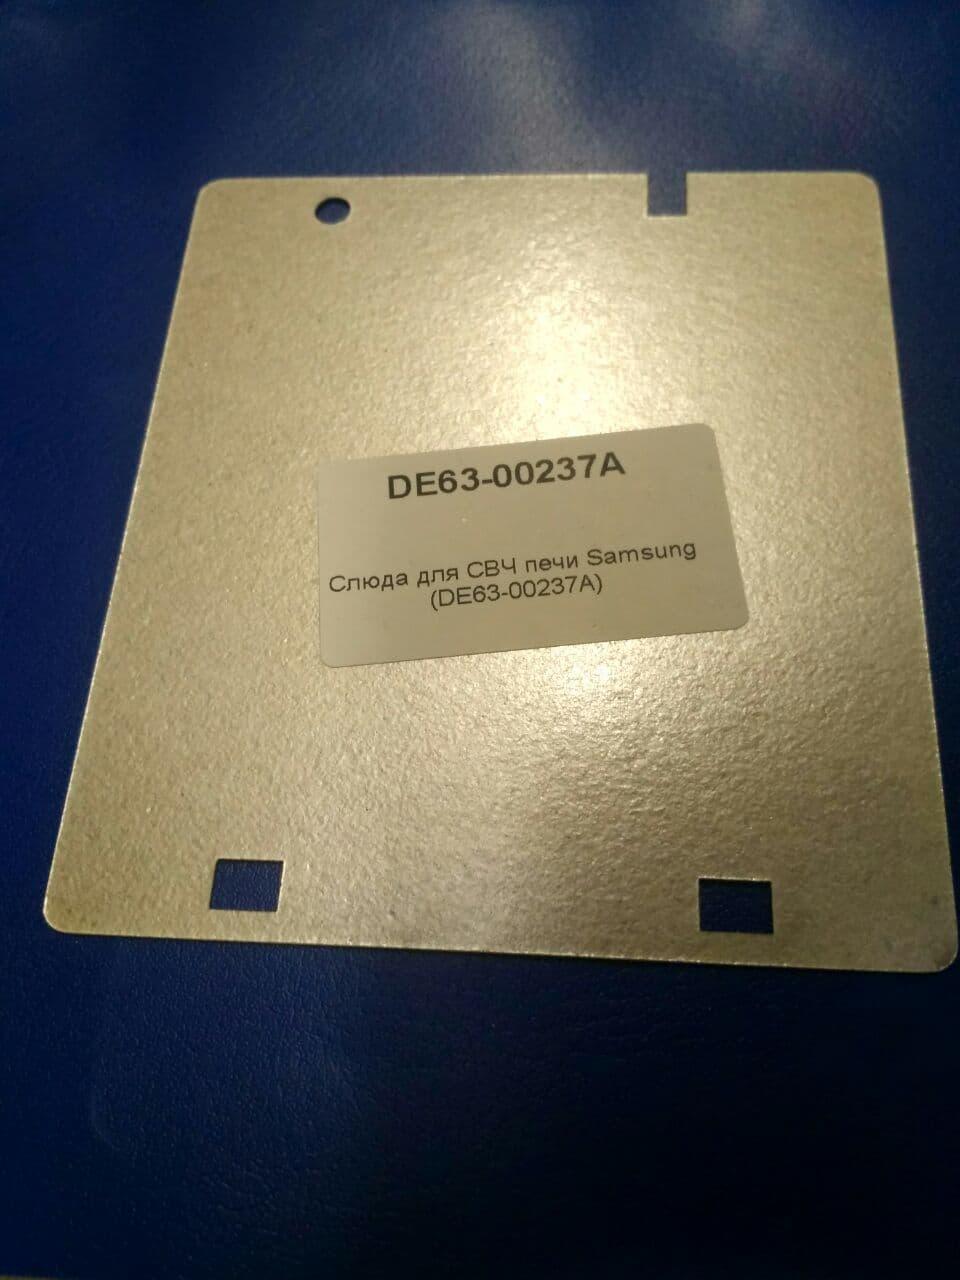 DE63-00237A